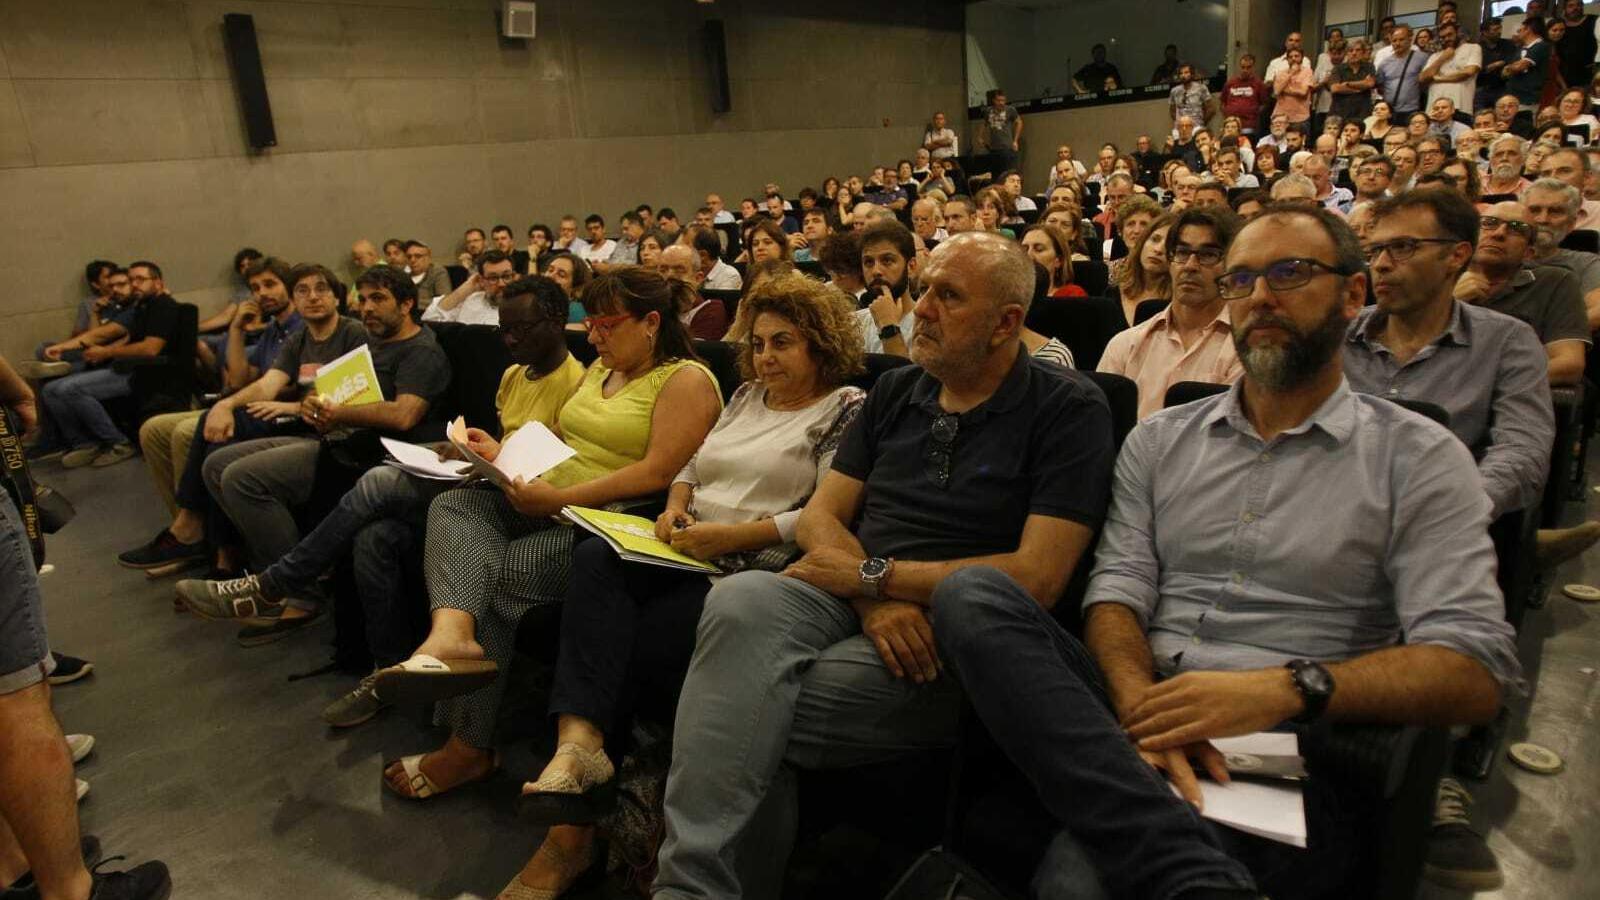 Josep Ferrà, Guillem Balboa, Bel Busquets, Joana Aina Campomar, Miquel Ensenyat i Miquel Gallardo durant l'assemblea.